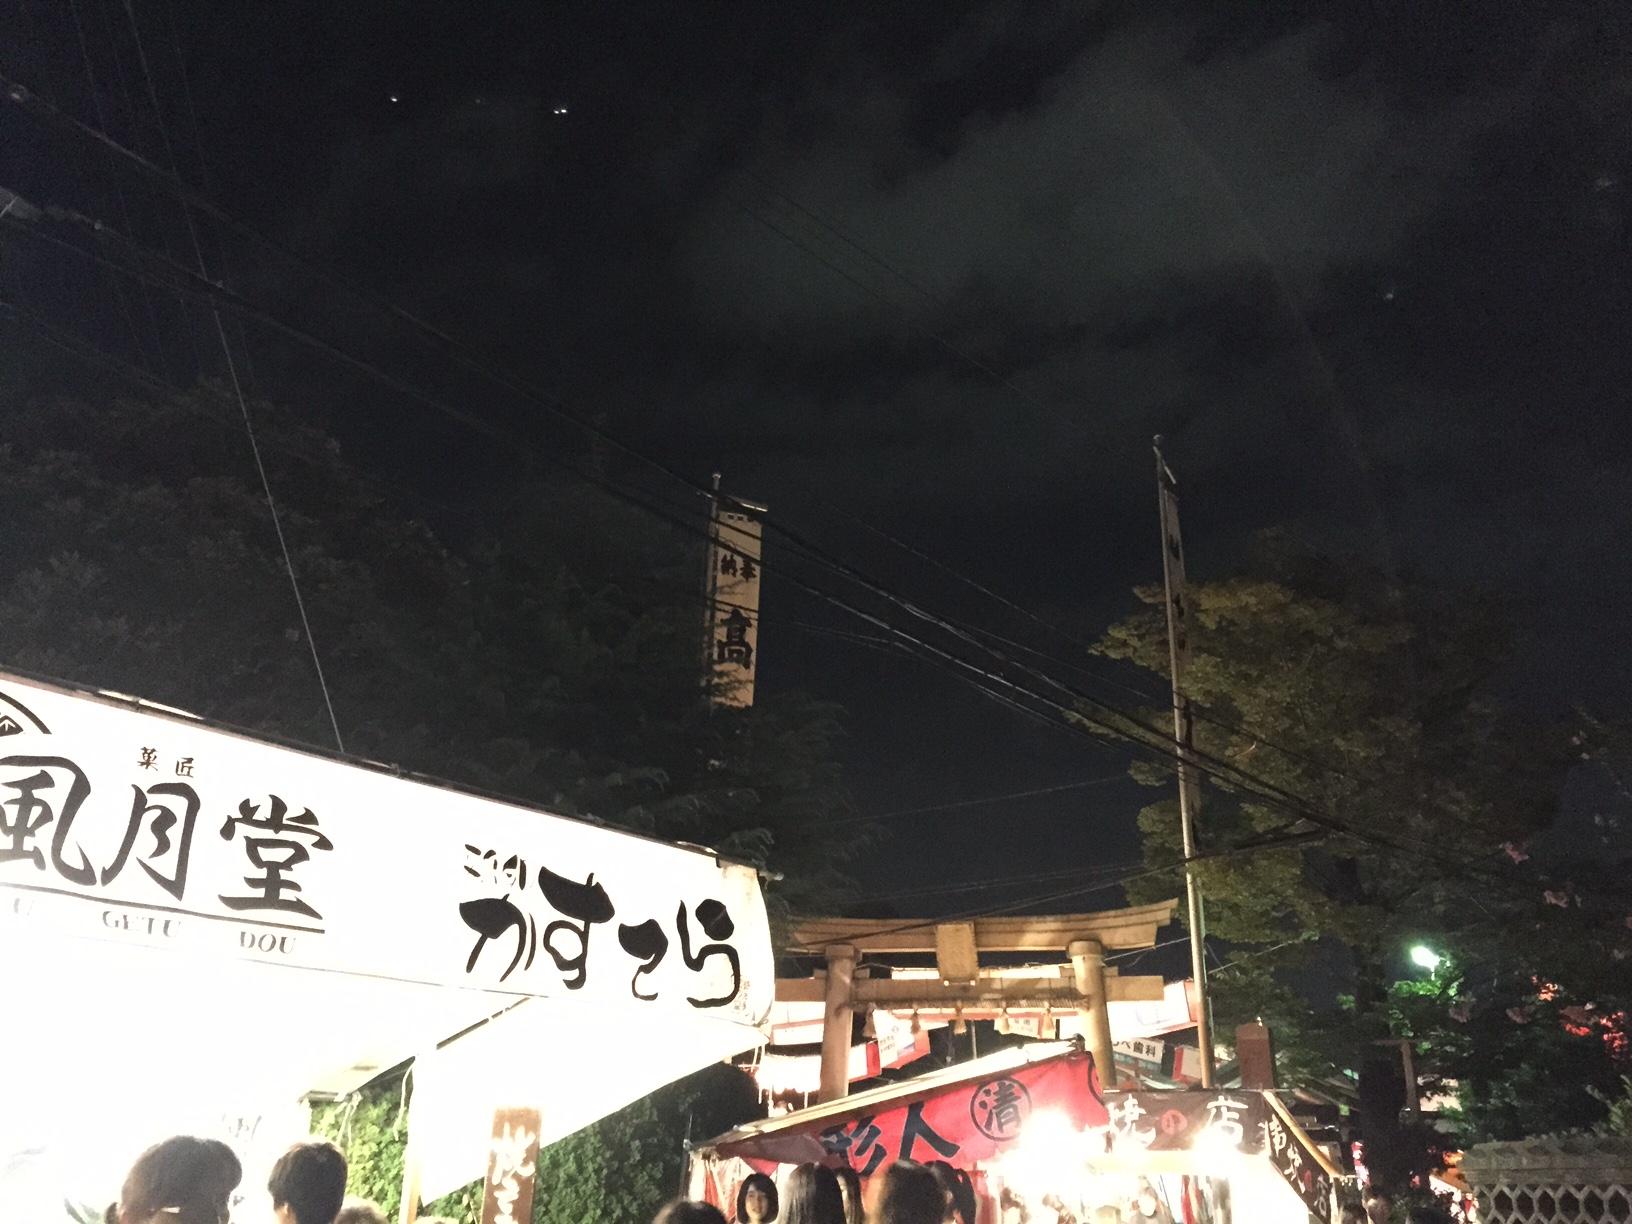 5近くの神社のお祭り2015